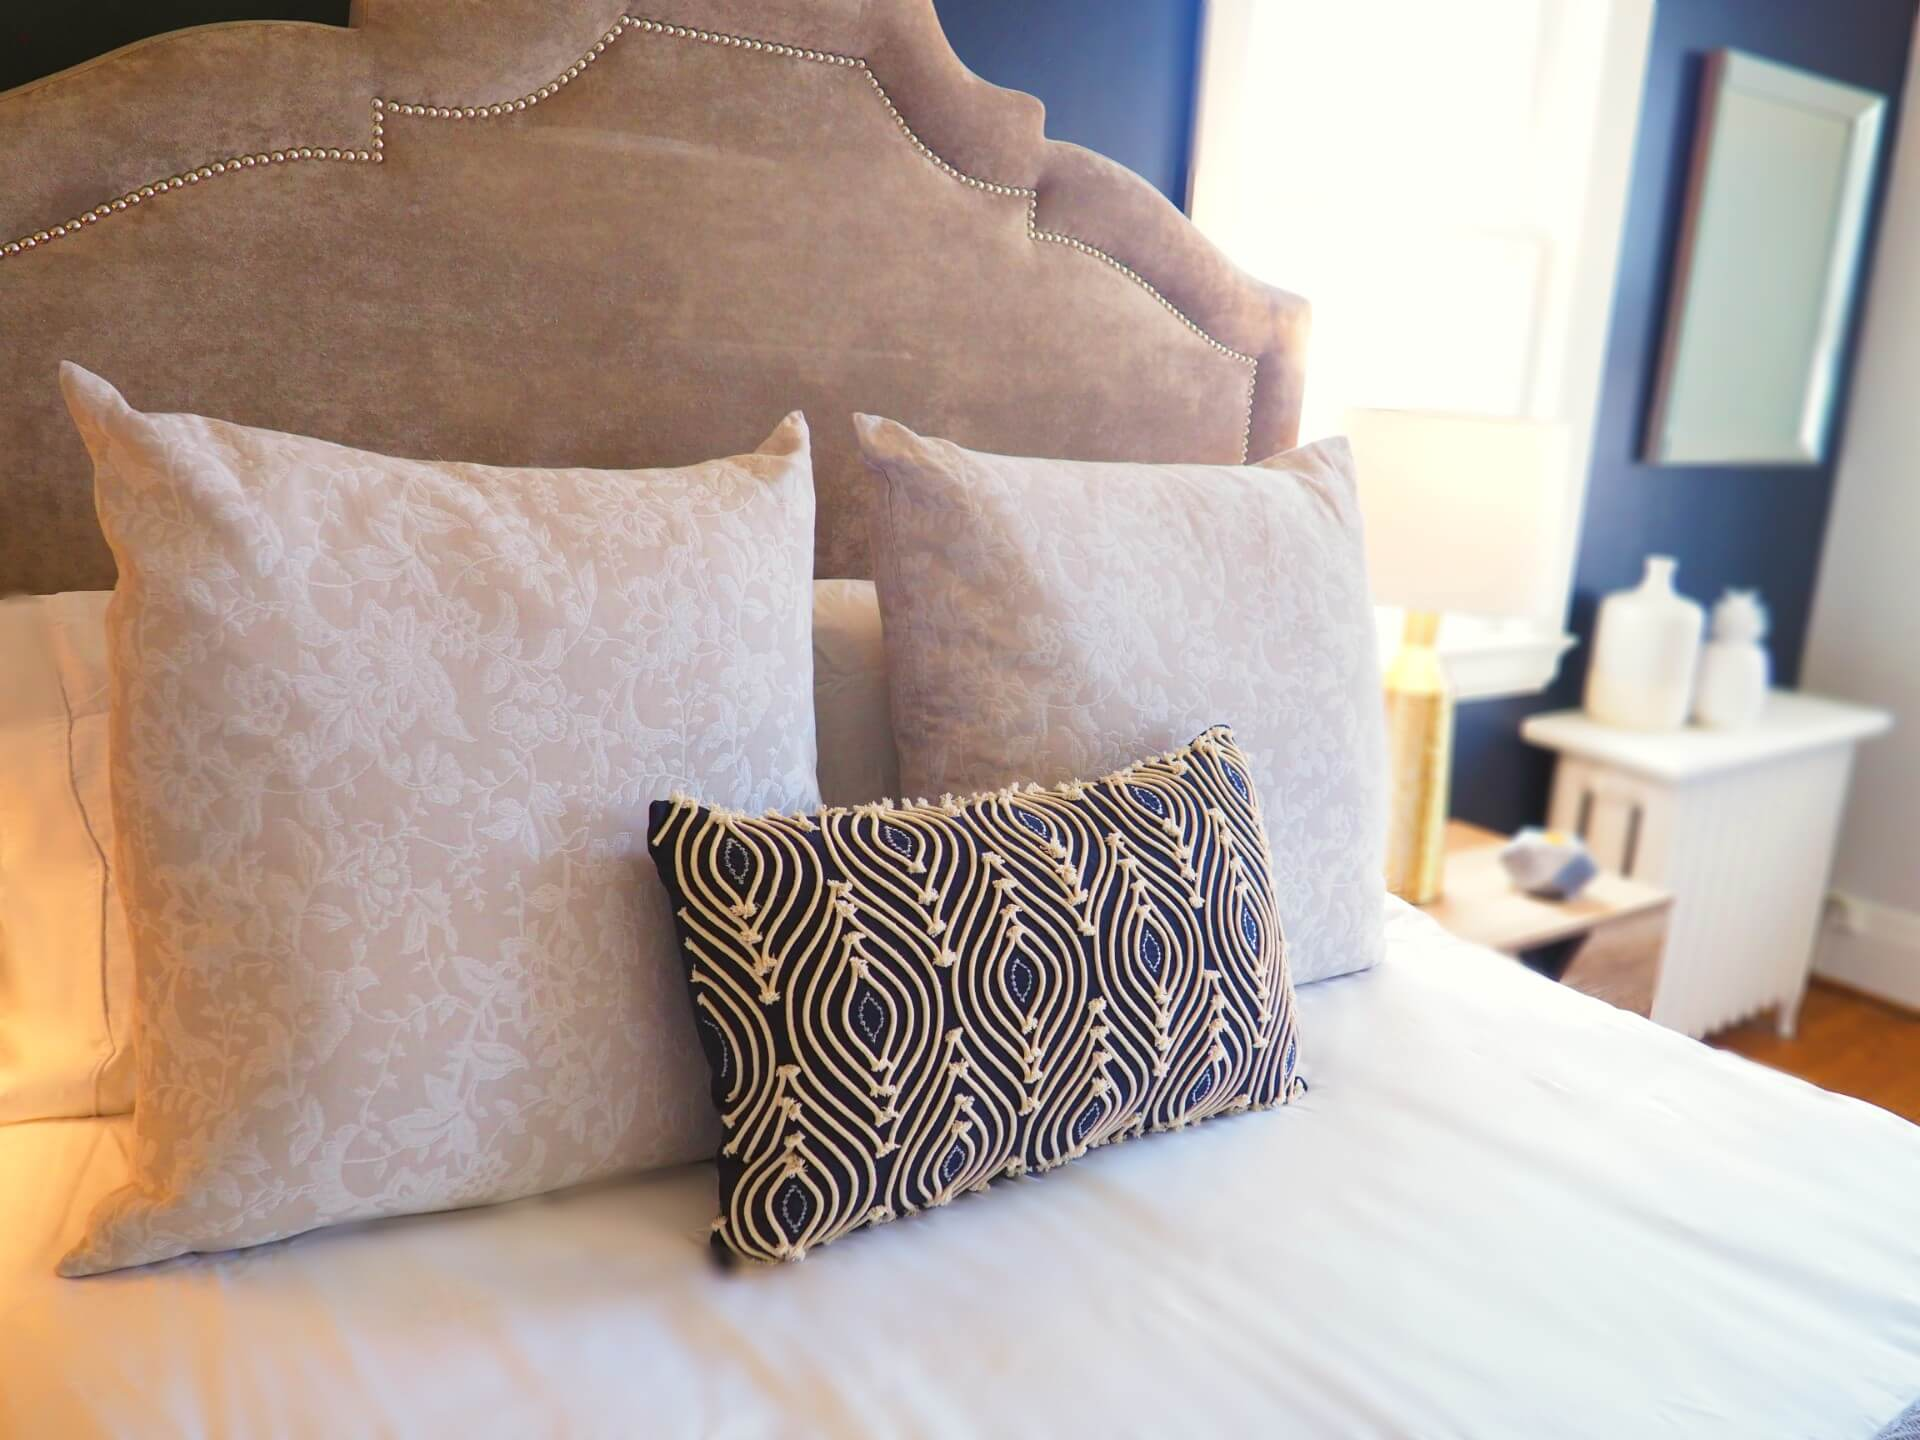 close up pillows